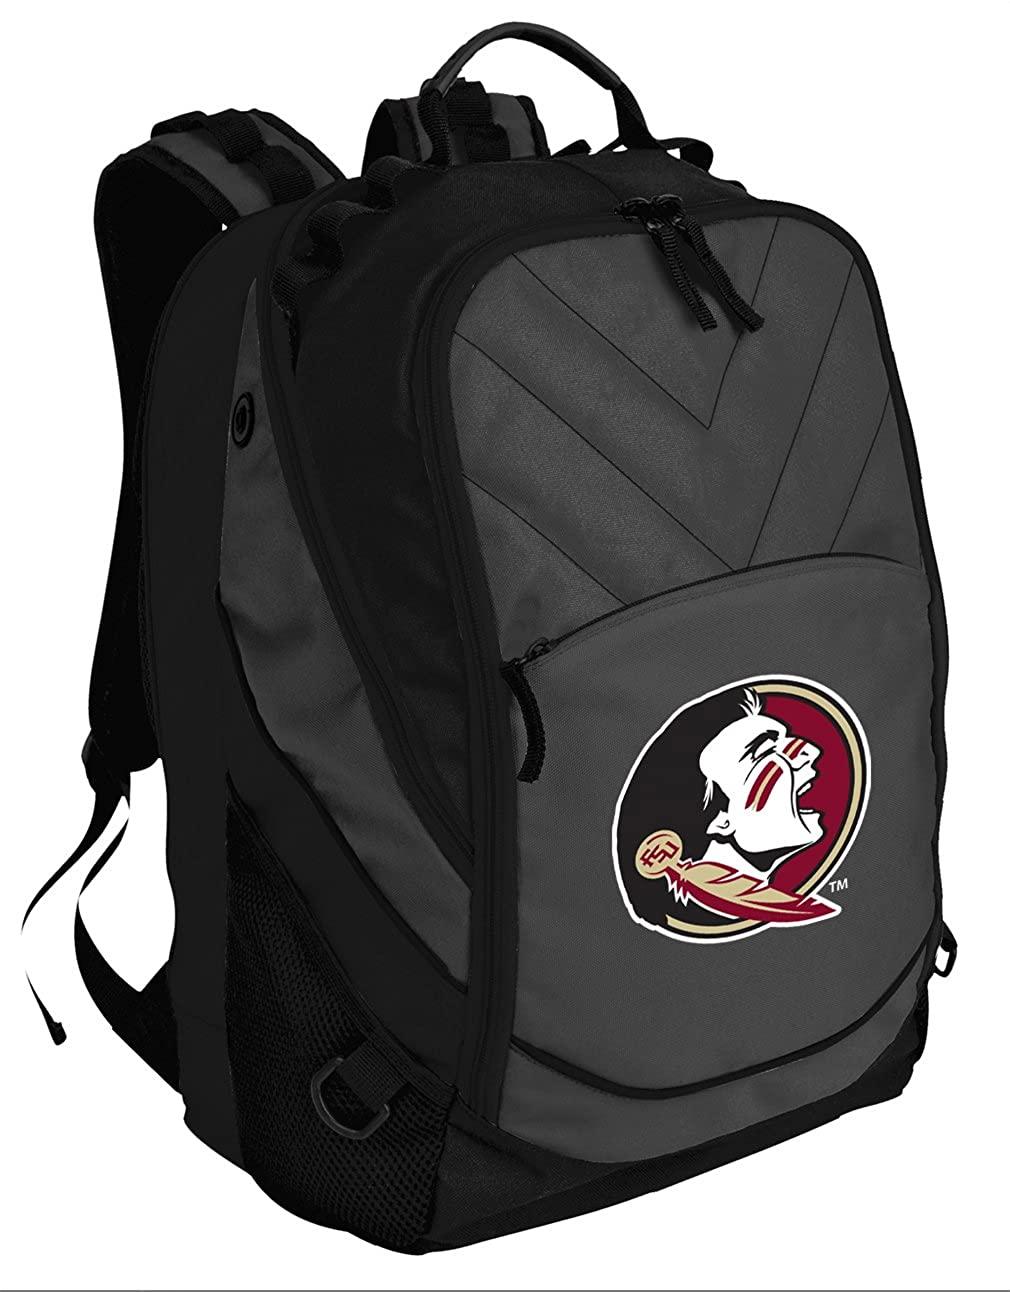 Broad Bay Best Florida State University Backpack Laptop Computer Bag